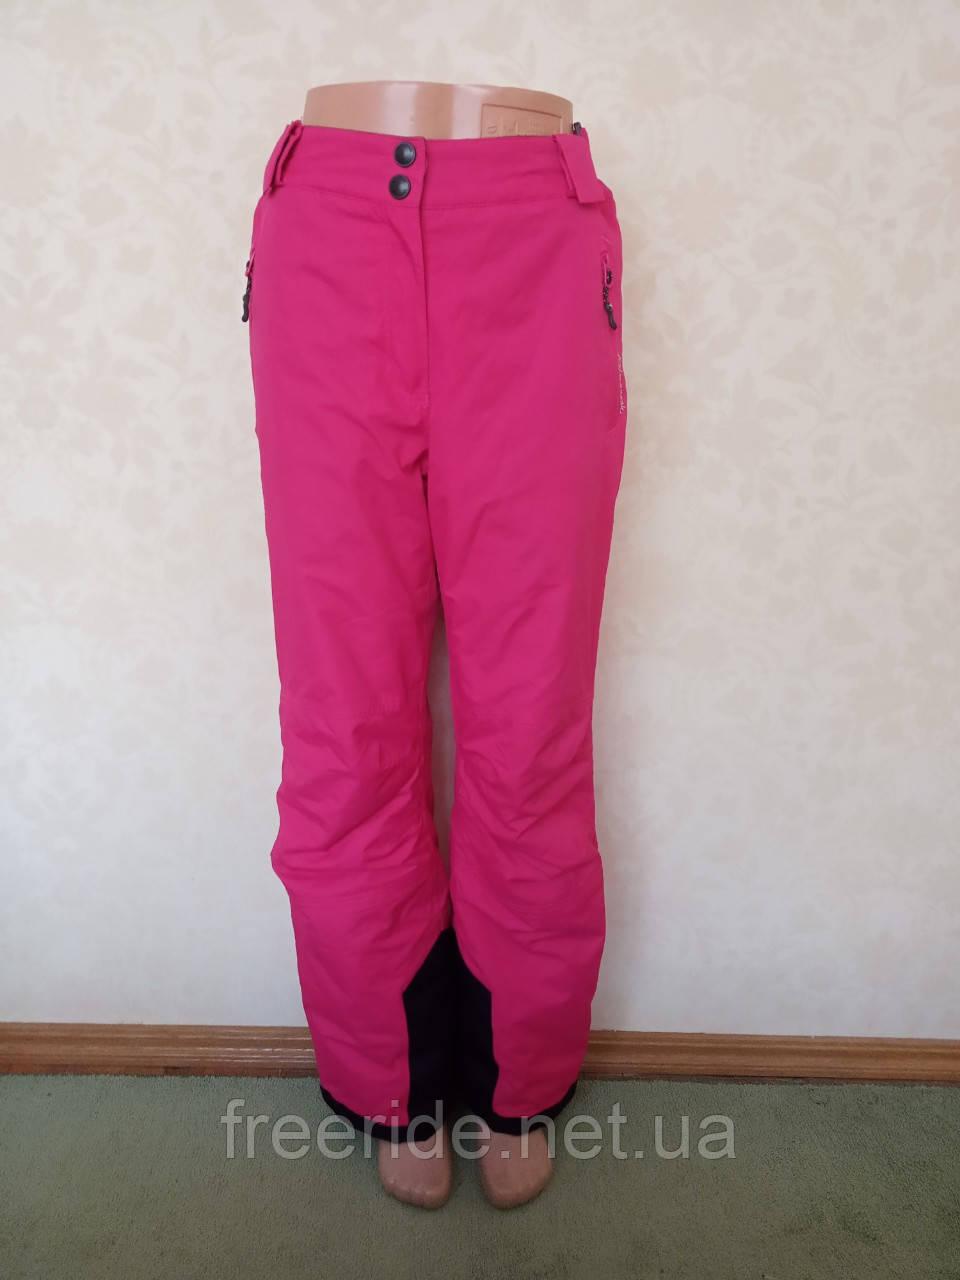 Мембранные лыжные штаны Kilmanock (40) Air-Flo 5000